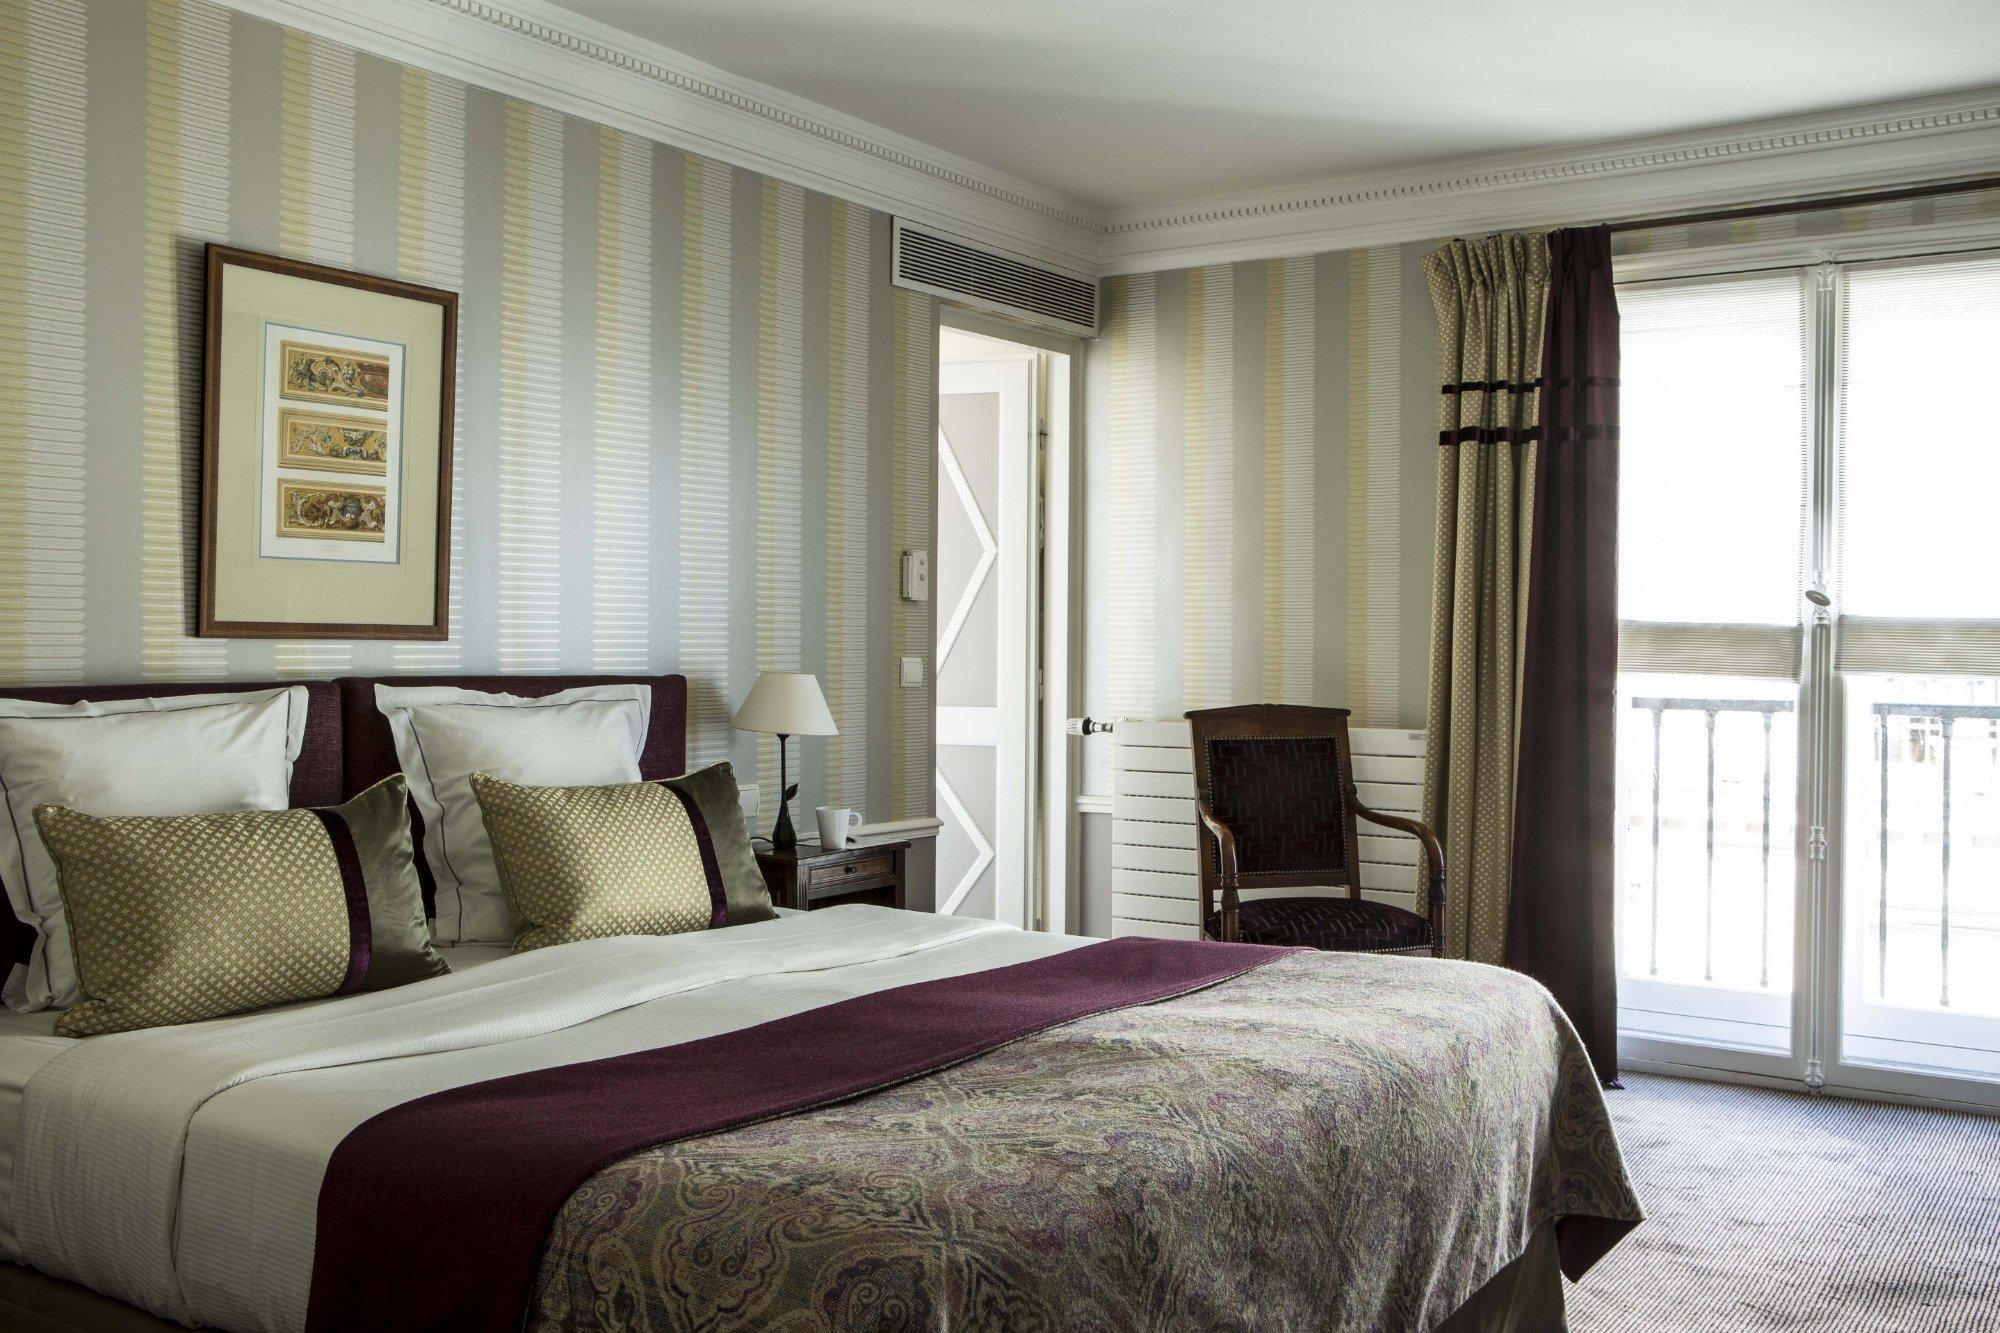 Hotel Brighton - Esprit de France